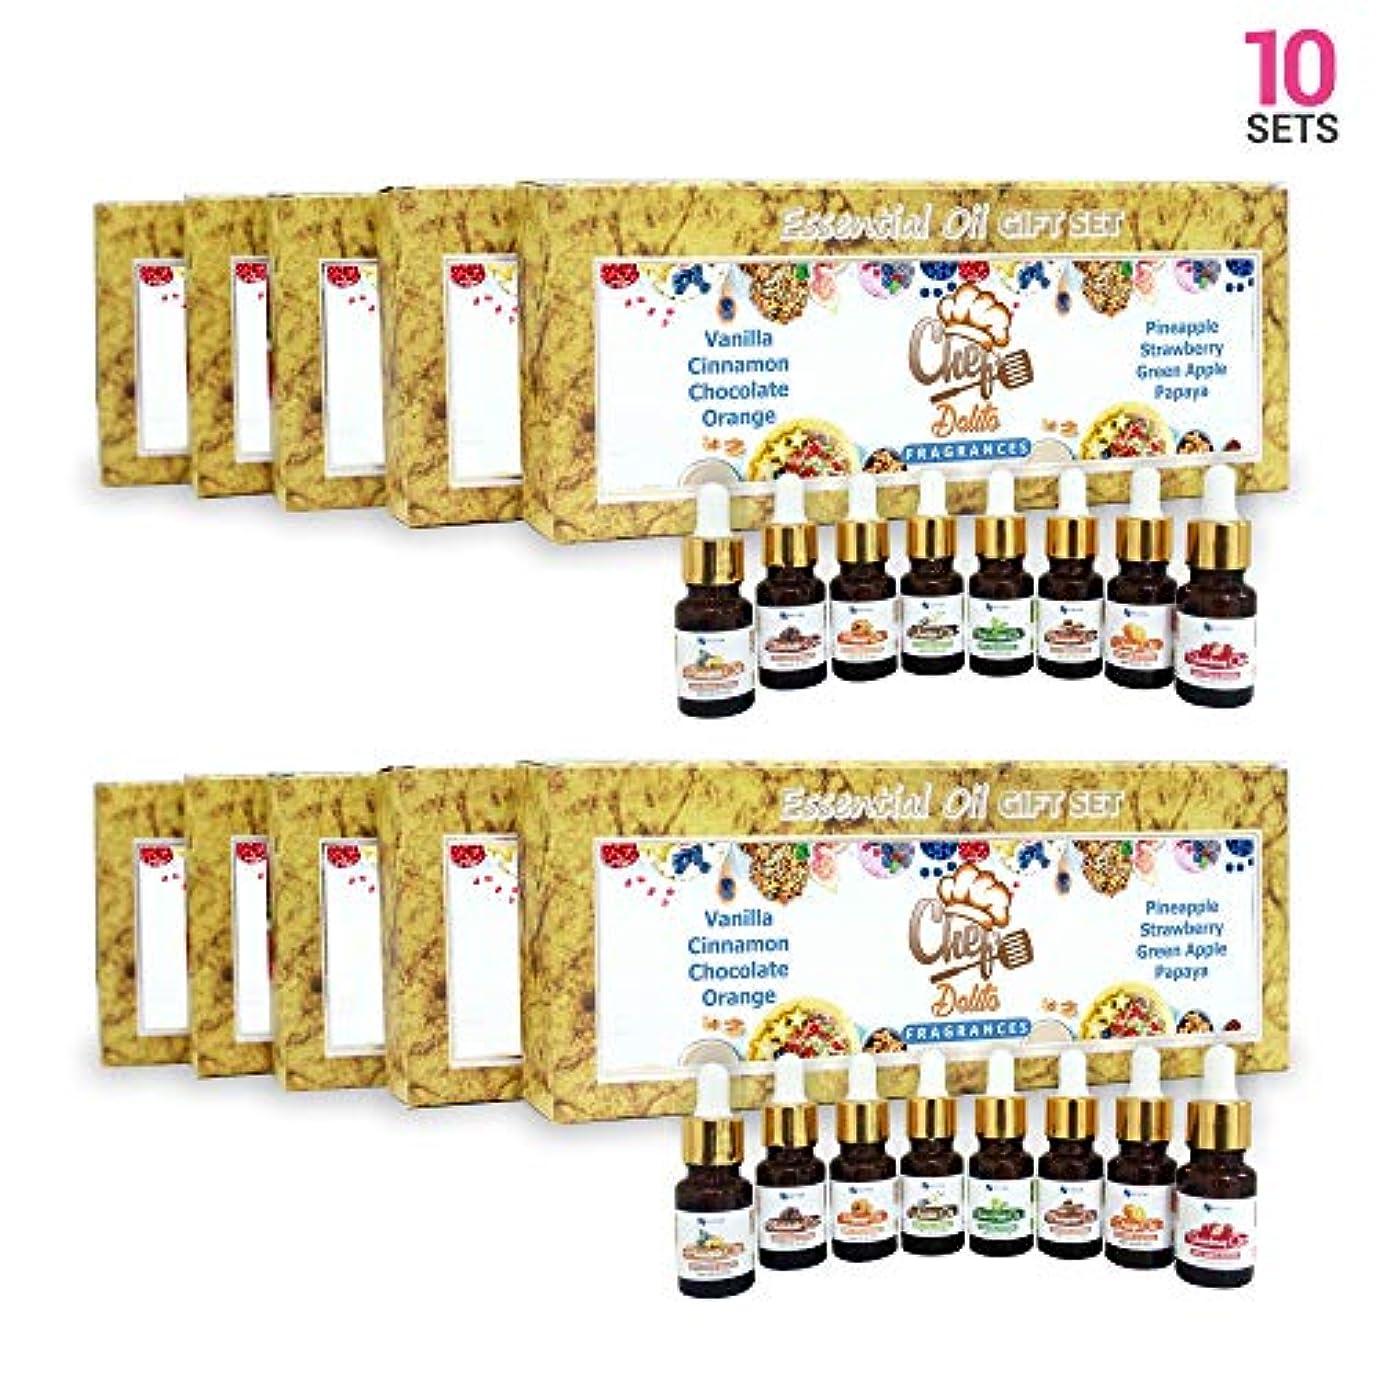 ぜいたくルビー電気陽性Aromatherapy Fragrance Oils (Set of 10) - 100% Natural Therapeutic Essential Oils, 10ml each (Vanilla, Cinnamon...